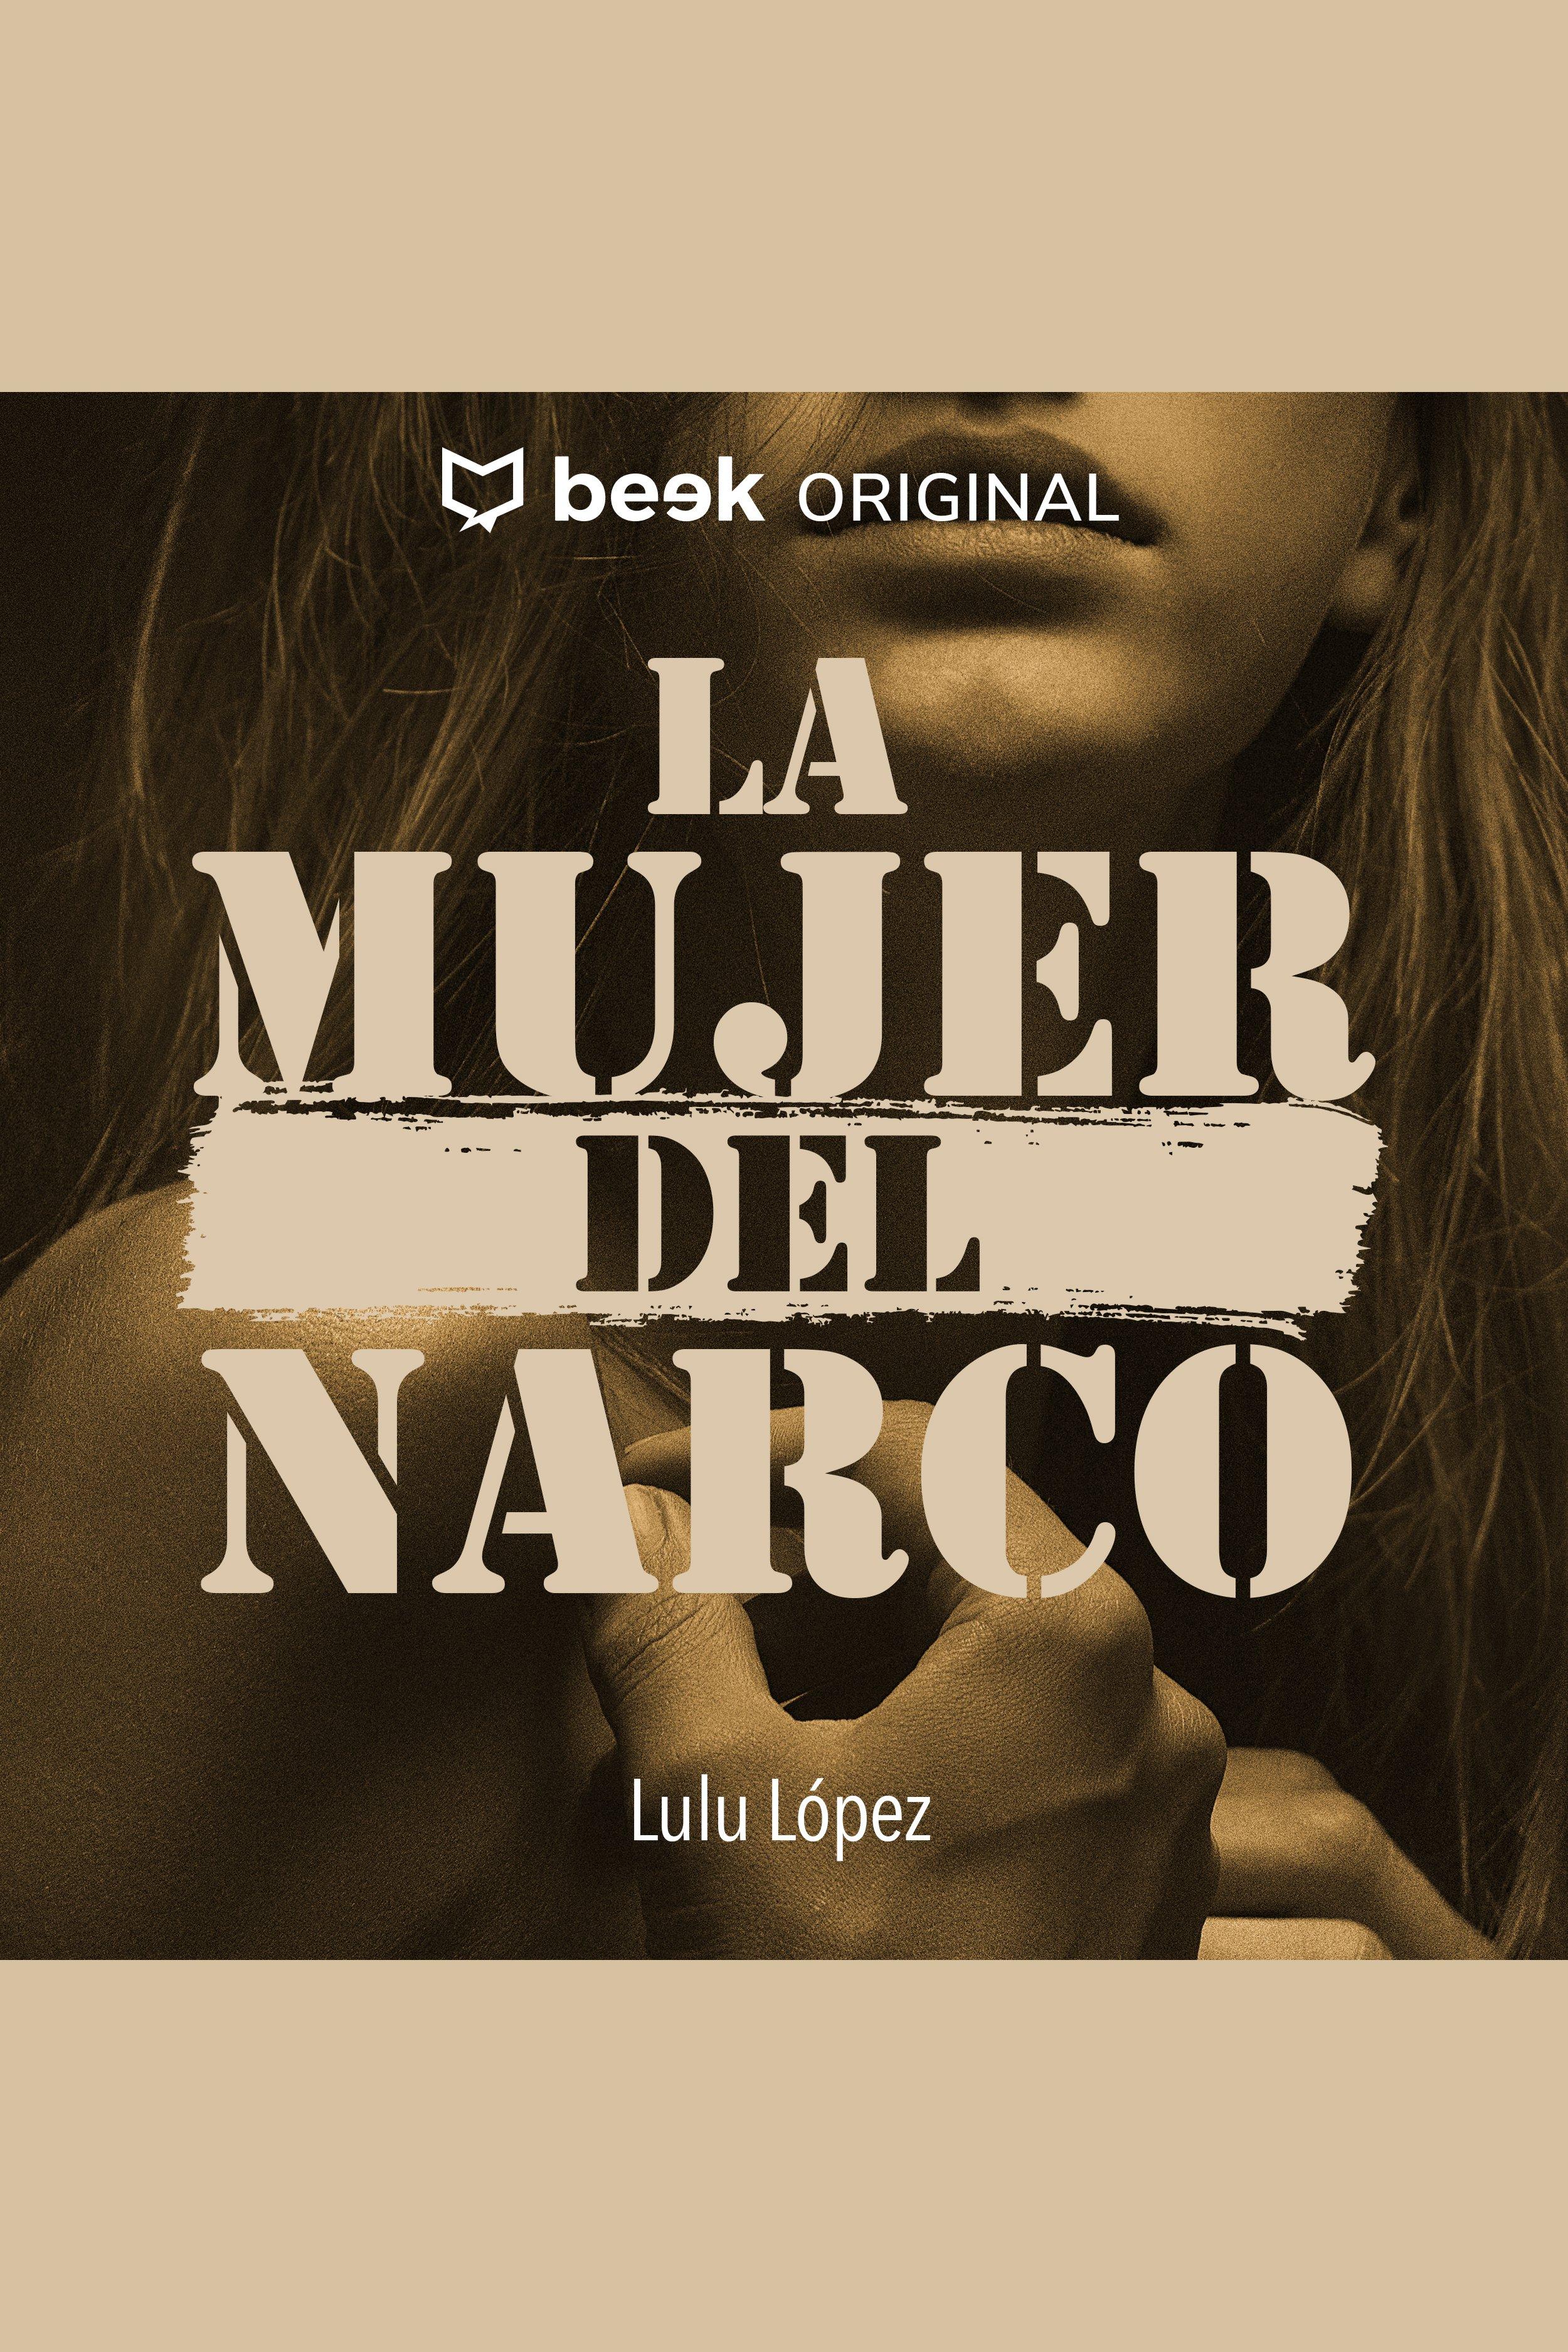 Esta es la portada del audiolibro La mujer del narco